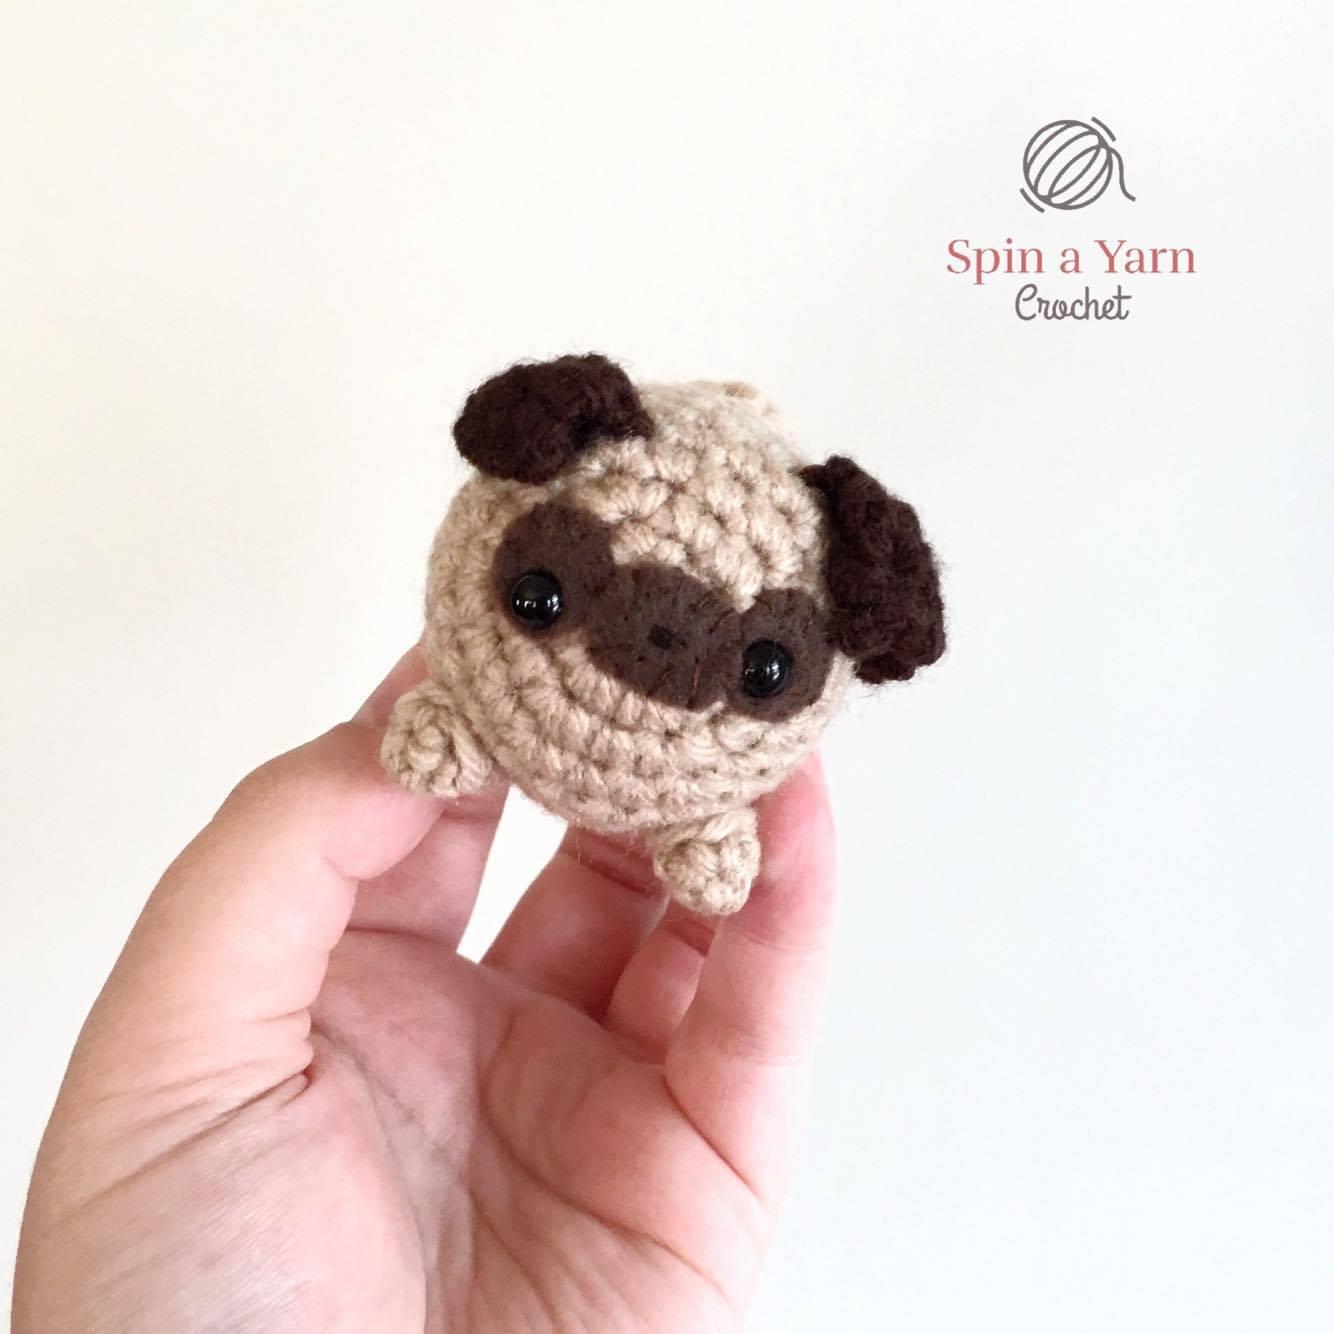 miniature pug - crochet amigurumi pattern | 1334x1334